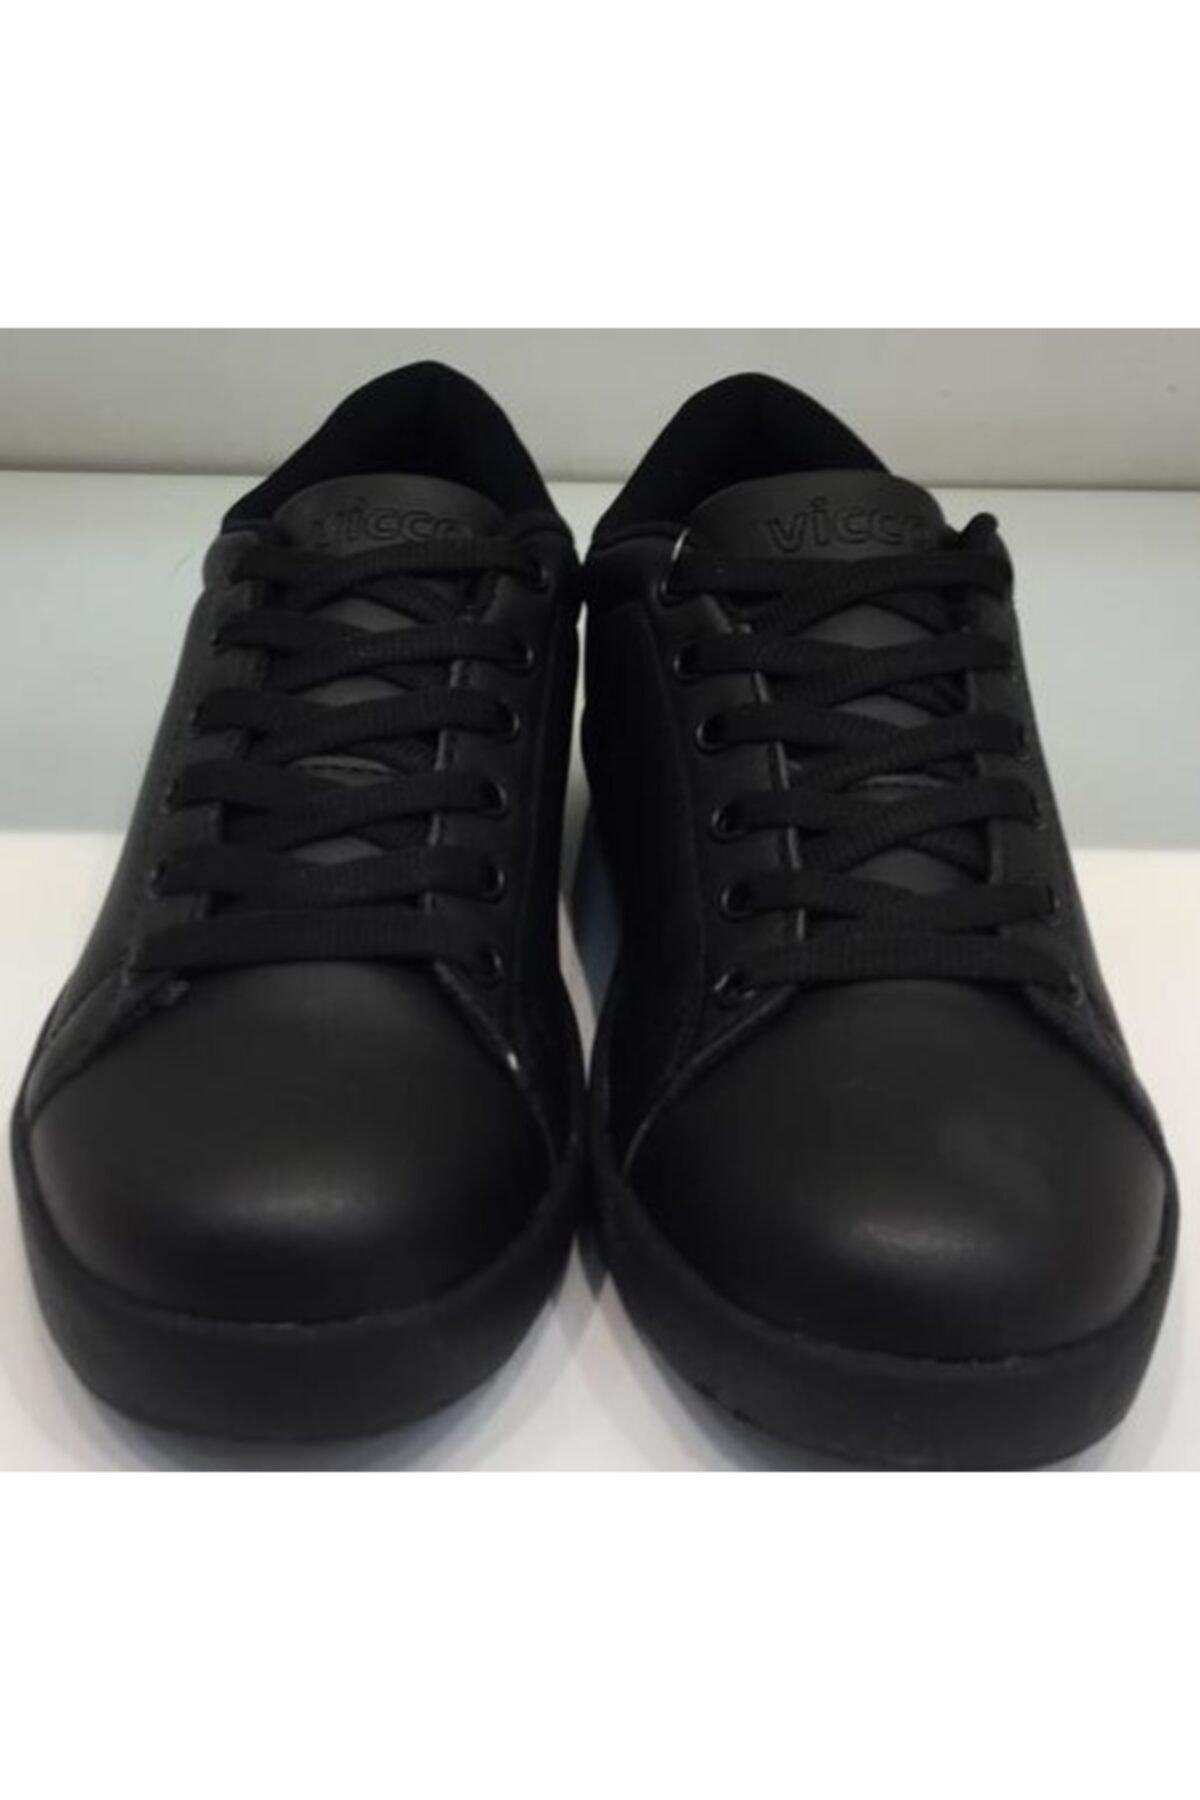 Vicco Kadın Siyah Günlük Spor Ayakkabı 1